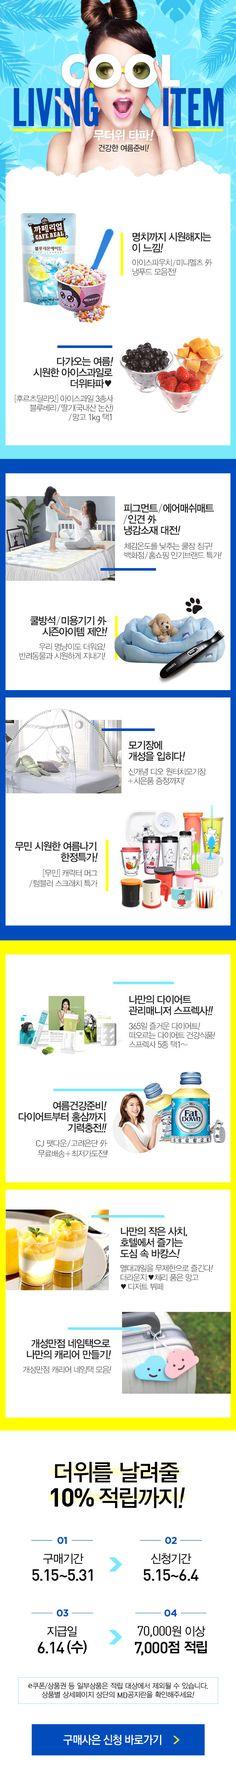 쿨리빙아이템 (MO)_생활팀_170515_Designed by 박세미